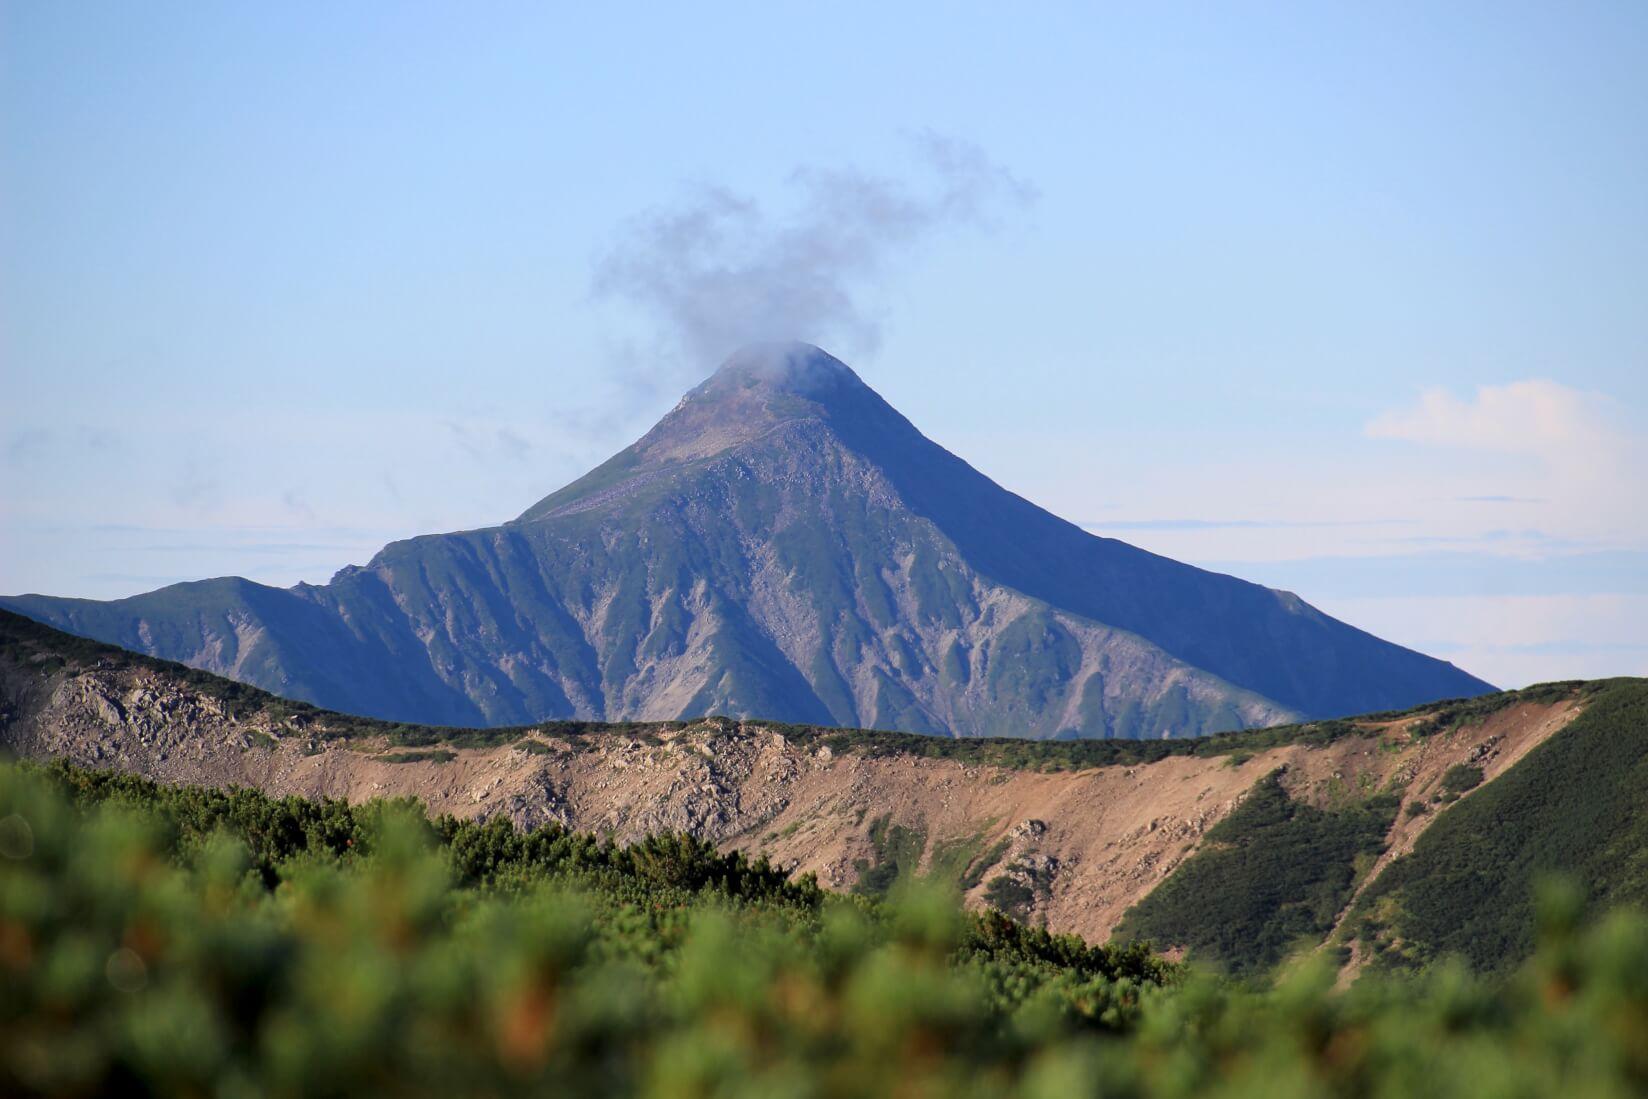 雲ノ平から黒部源流までの区間より笠ヶ岳